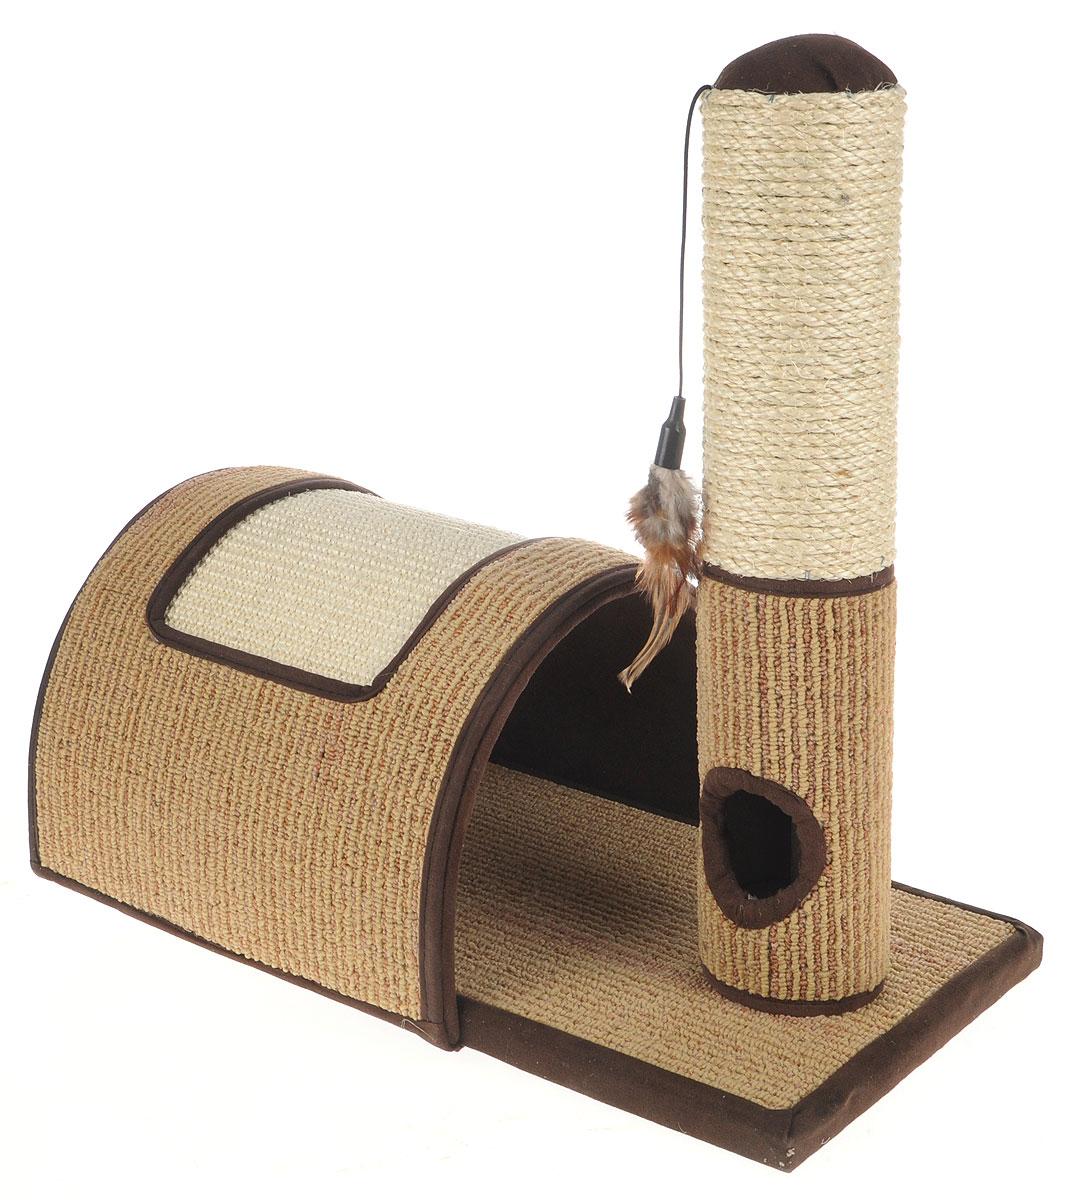 Когтеточка Triol Столбик и арка, с игрушкой, 46 х 25 х 47 см12171996Когтеточка Triol Столбик и арка станет любимым местом для вашего питомца. Игрушки привлекут дополнительное внимание к когтеточке. Изделие выполнено из ДСП, текстиля, ковролина и сизаля. Структура материала когтеточки позволяет кошачьим лапкам проникать внутрь и извлекаться с высоким трением, так что ороговевшие частички когтя остаются внутри волокон. По своей природе сизаль обладает уникальным антистатическим свойством, следовательно, когтеточка не накапливает пыль, что является дополнительным привлекательным качеством, поскольку облегчает процесс уборки.